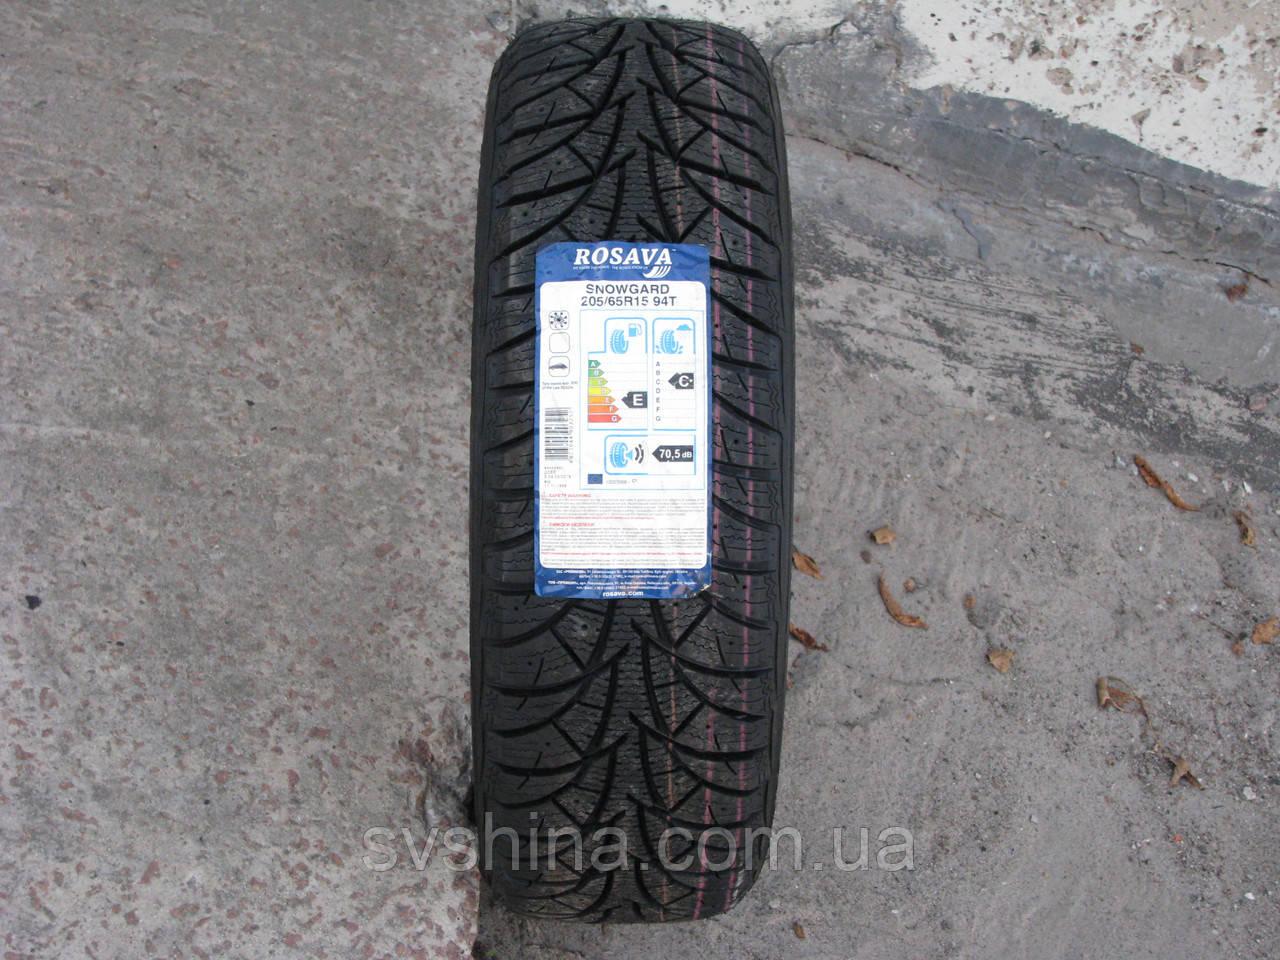 Зимові шини 205/65R15 Росава Snowgard під шип